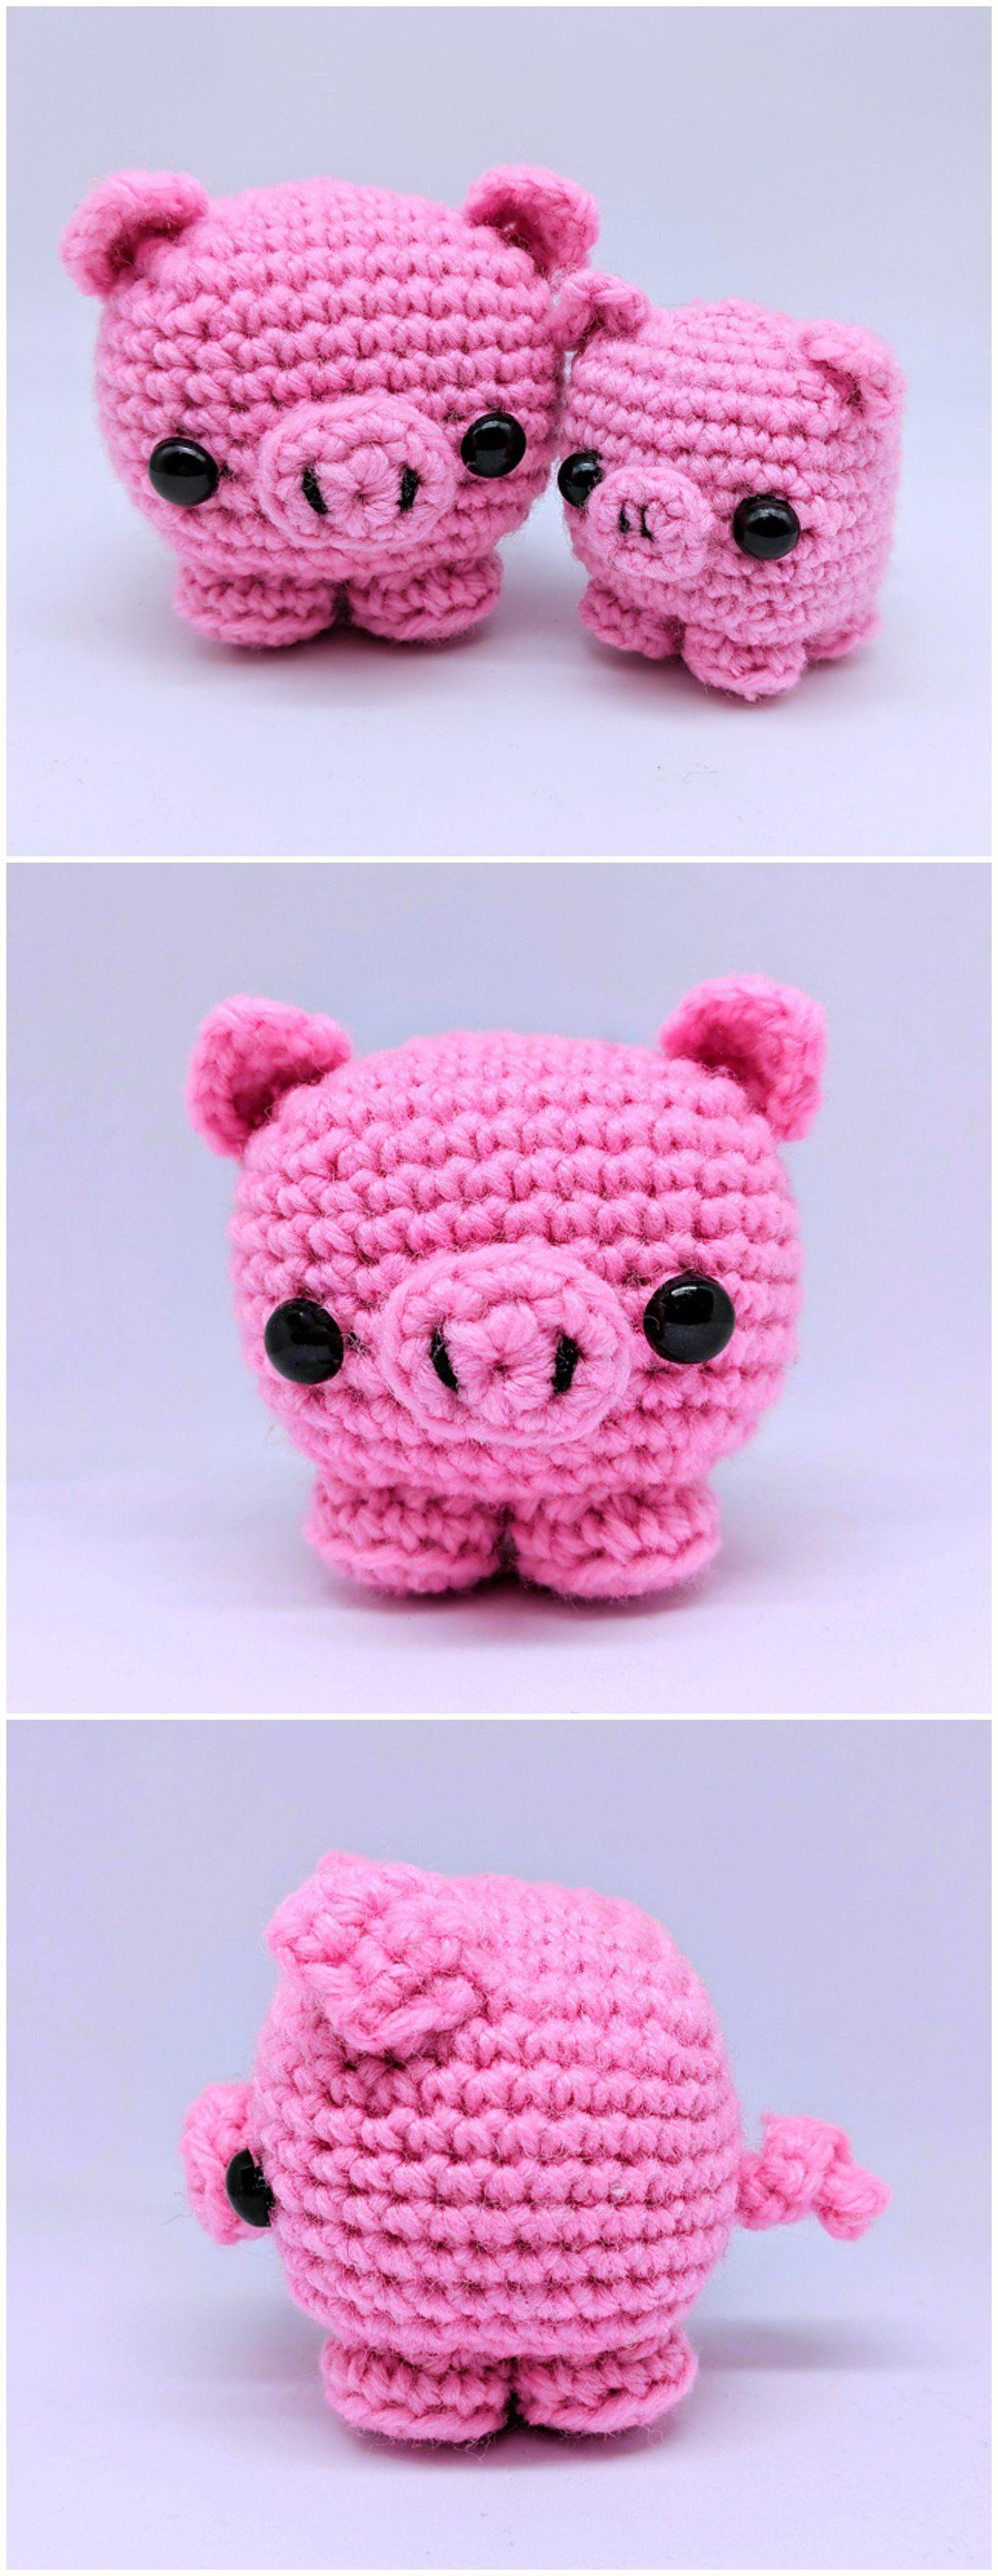 Crochet Cute Piggy Pigs Glücksbringer Pinterest Croché Und Tejidos